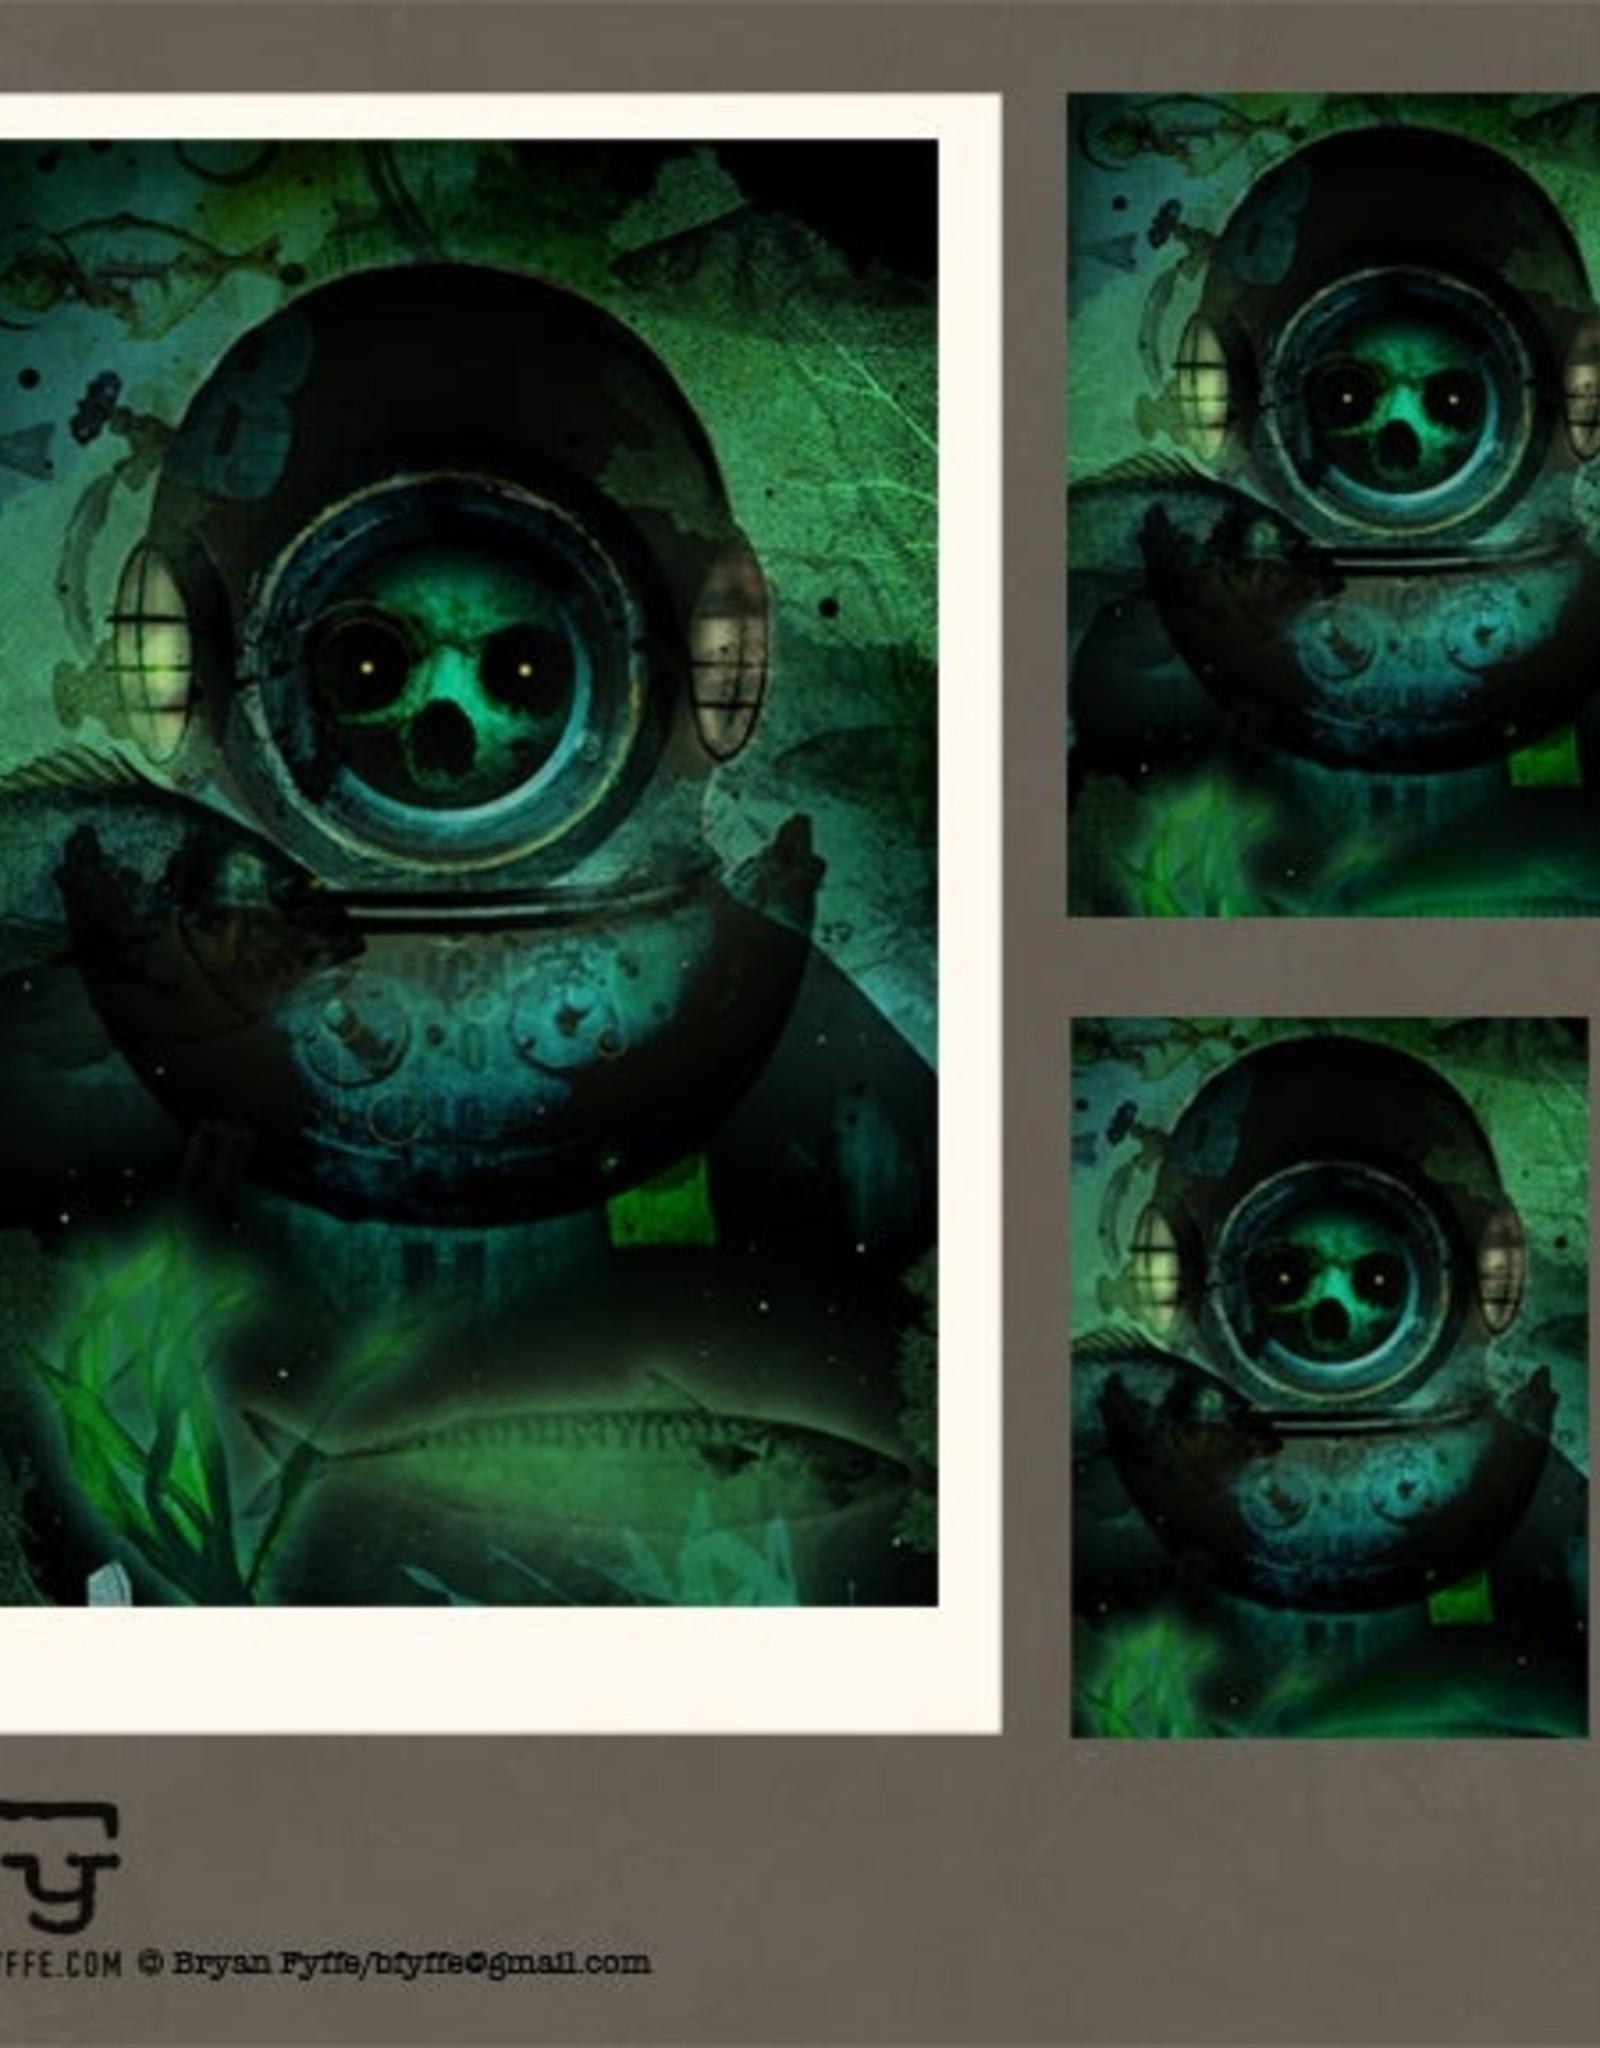 Bryan Fyffe 5x7 Prints by Bryan Fyffe